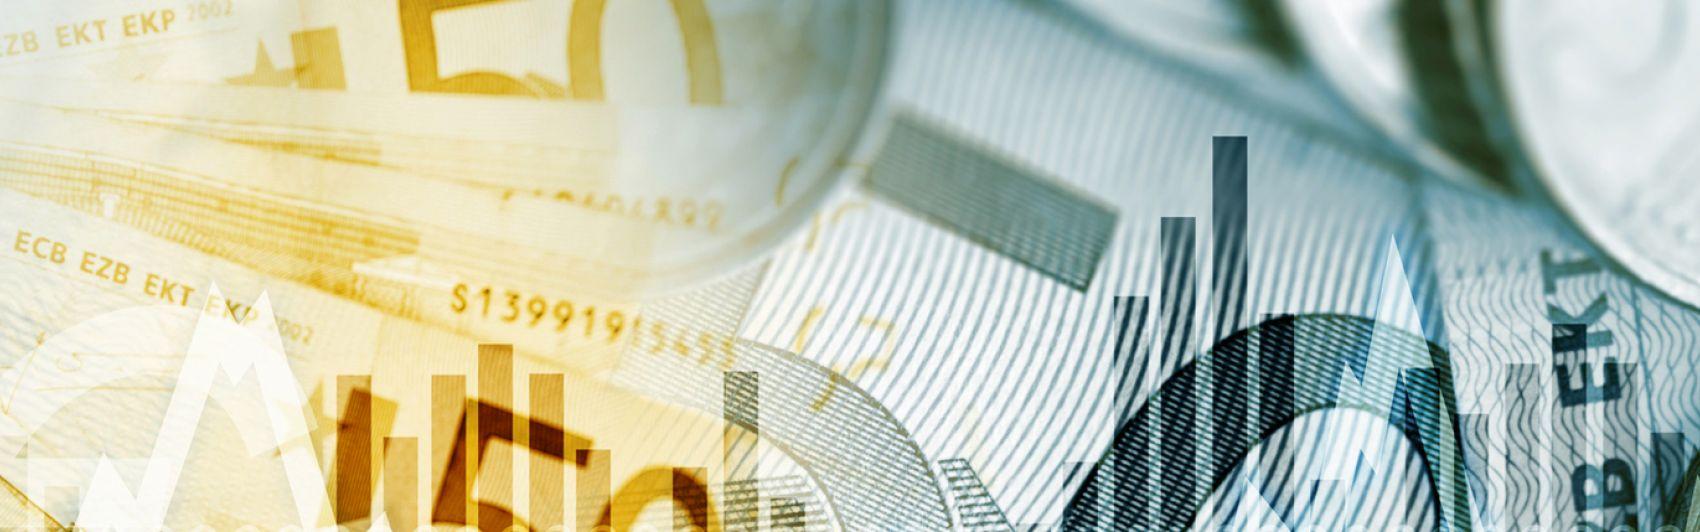 Unternehmensfinanzierung, Geld, Scheine, Wärhung, Euro